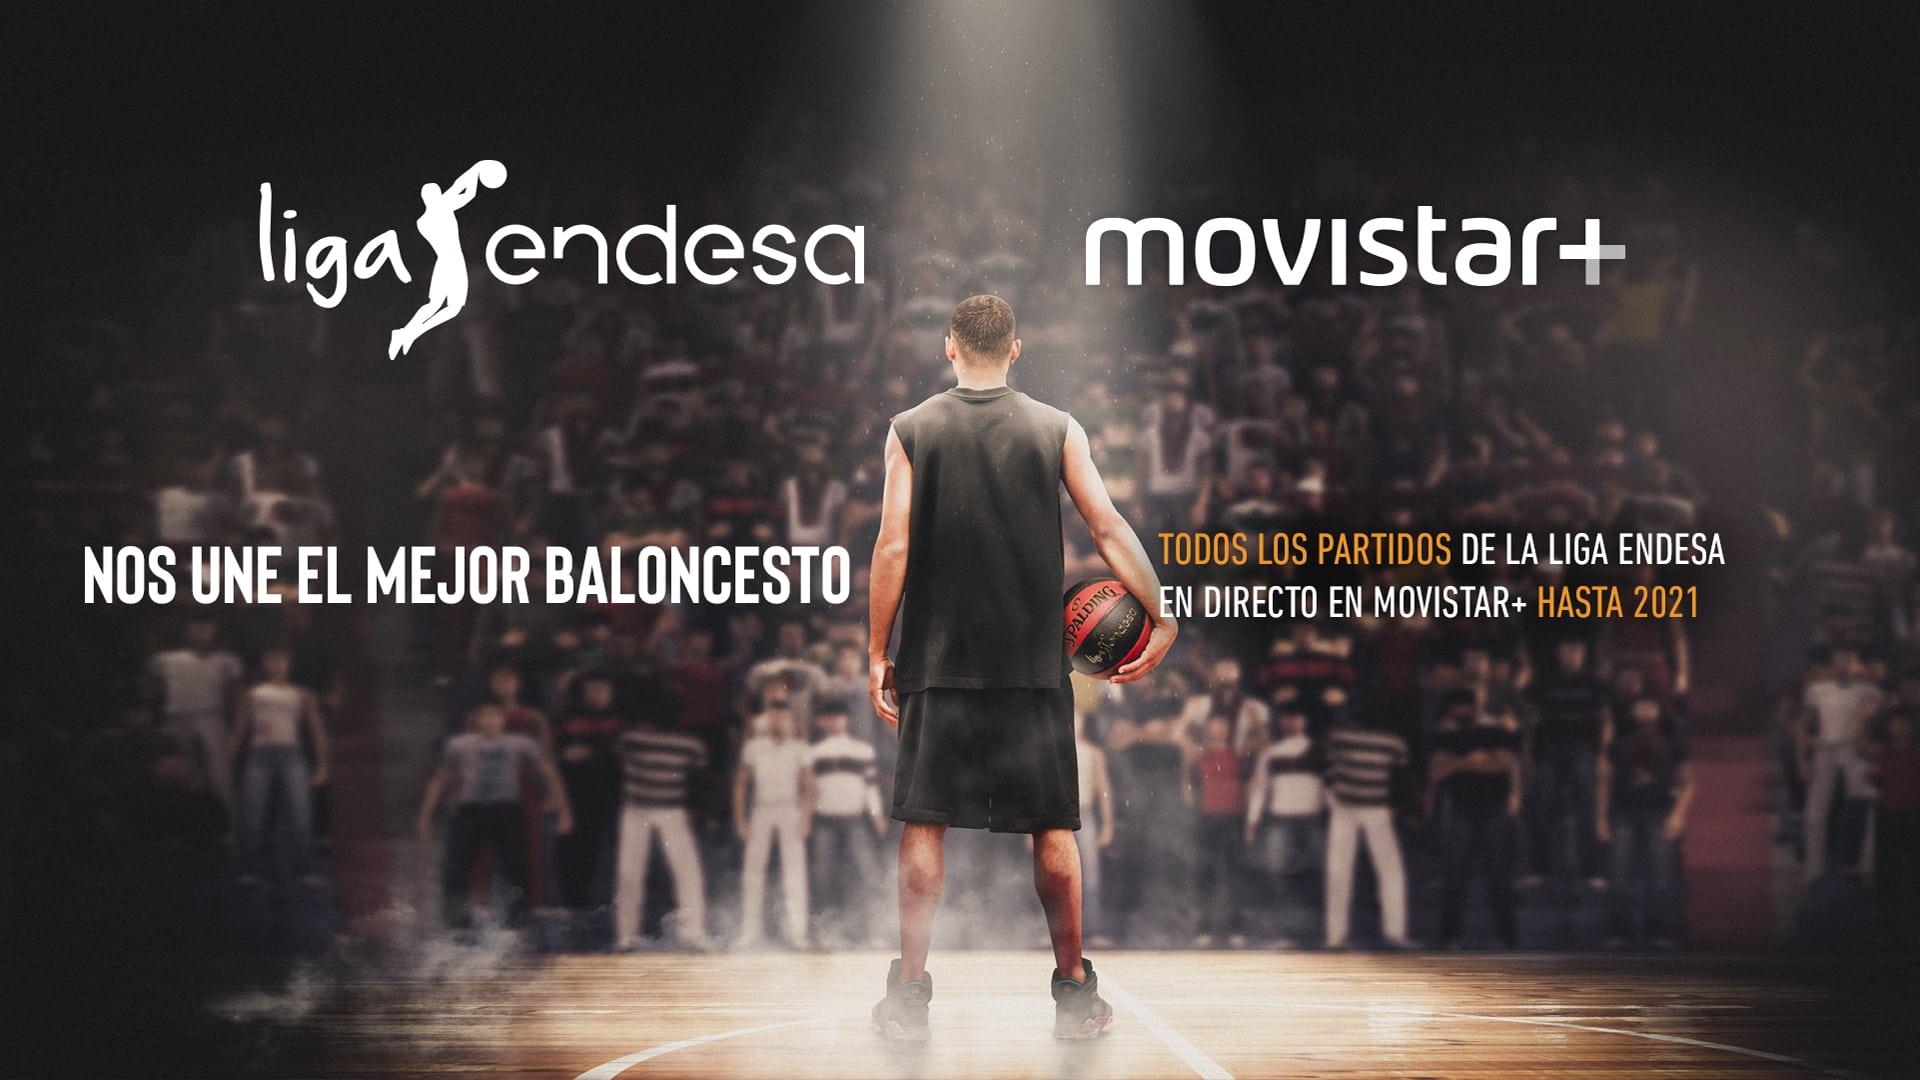 Liga Endesa en Movistar +